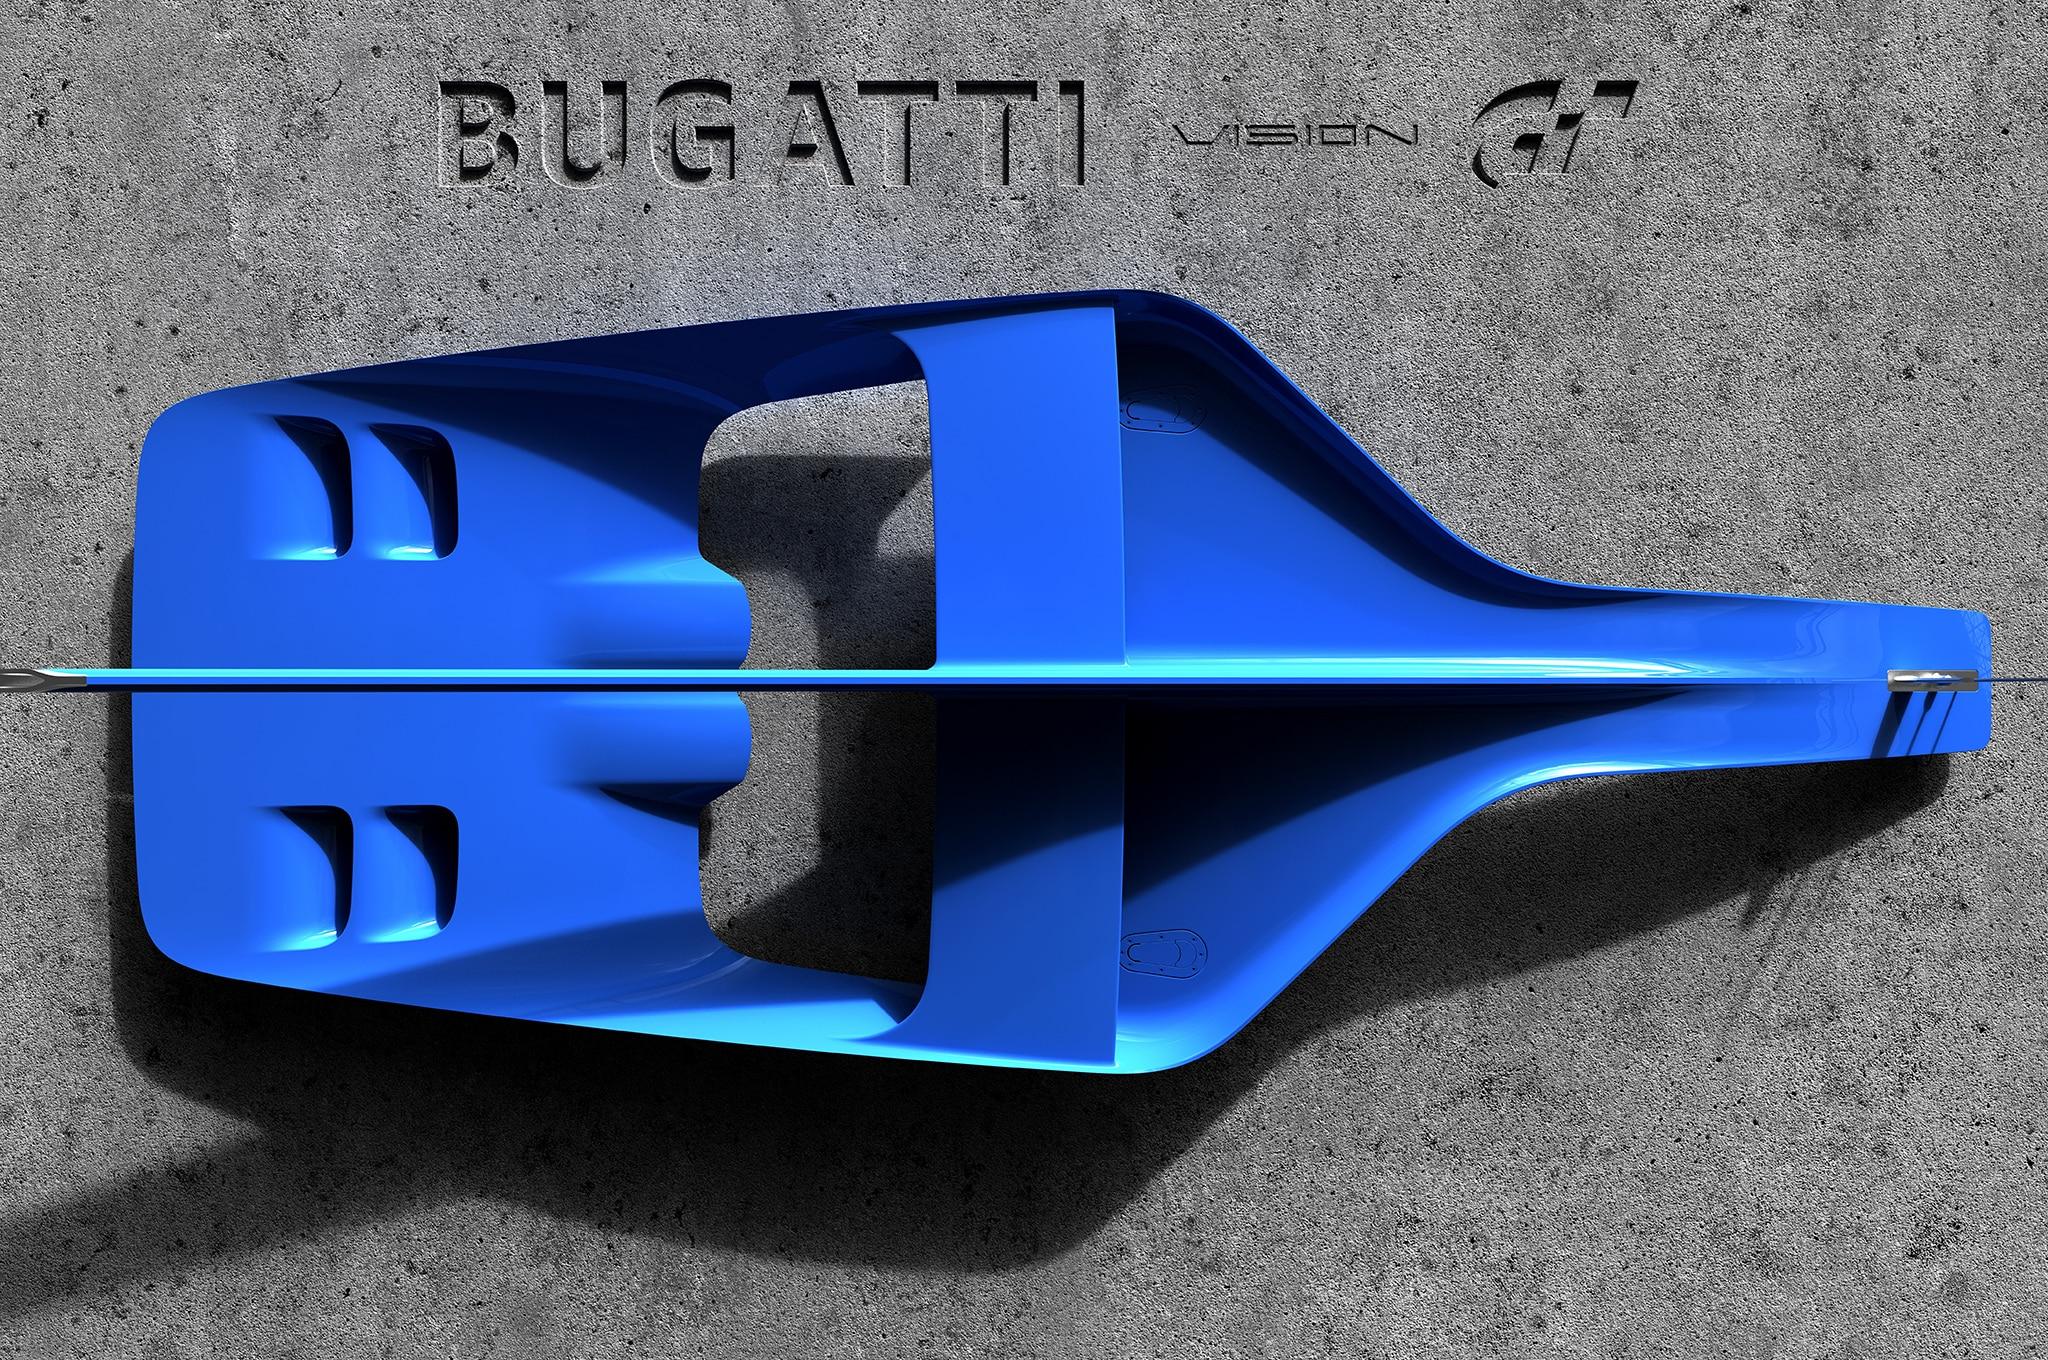 Bugatti Vision Gran Turismo Teaser Above